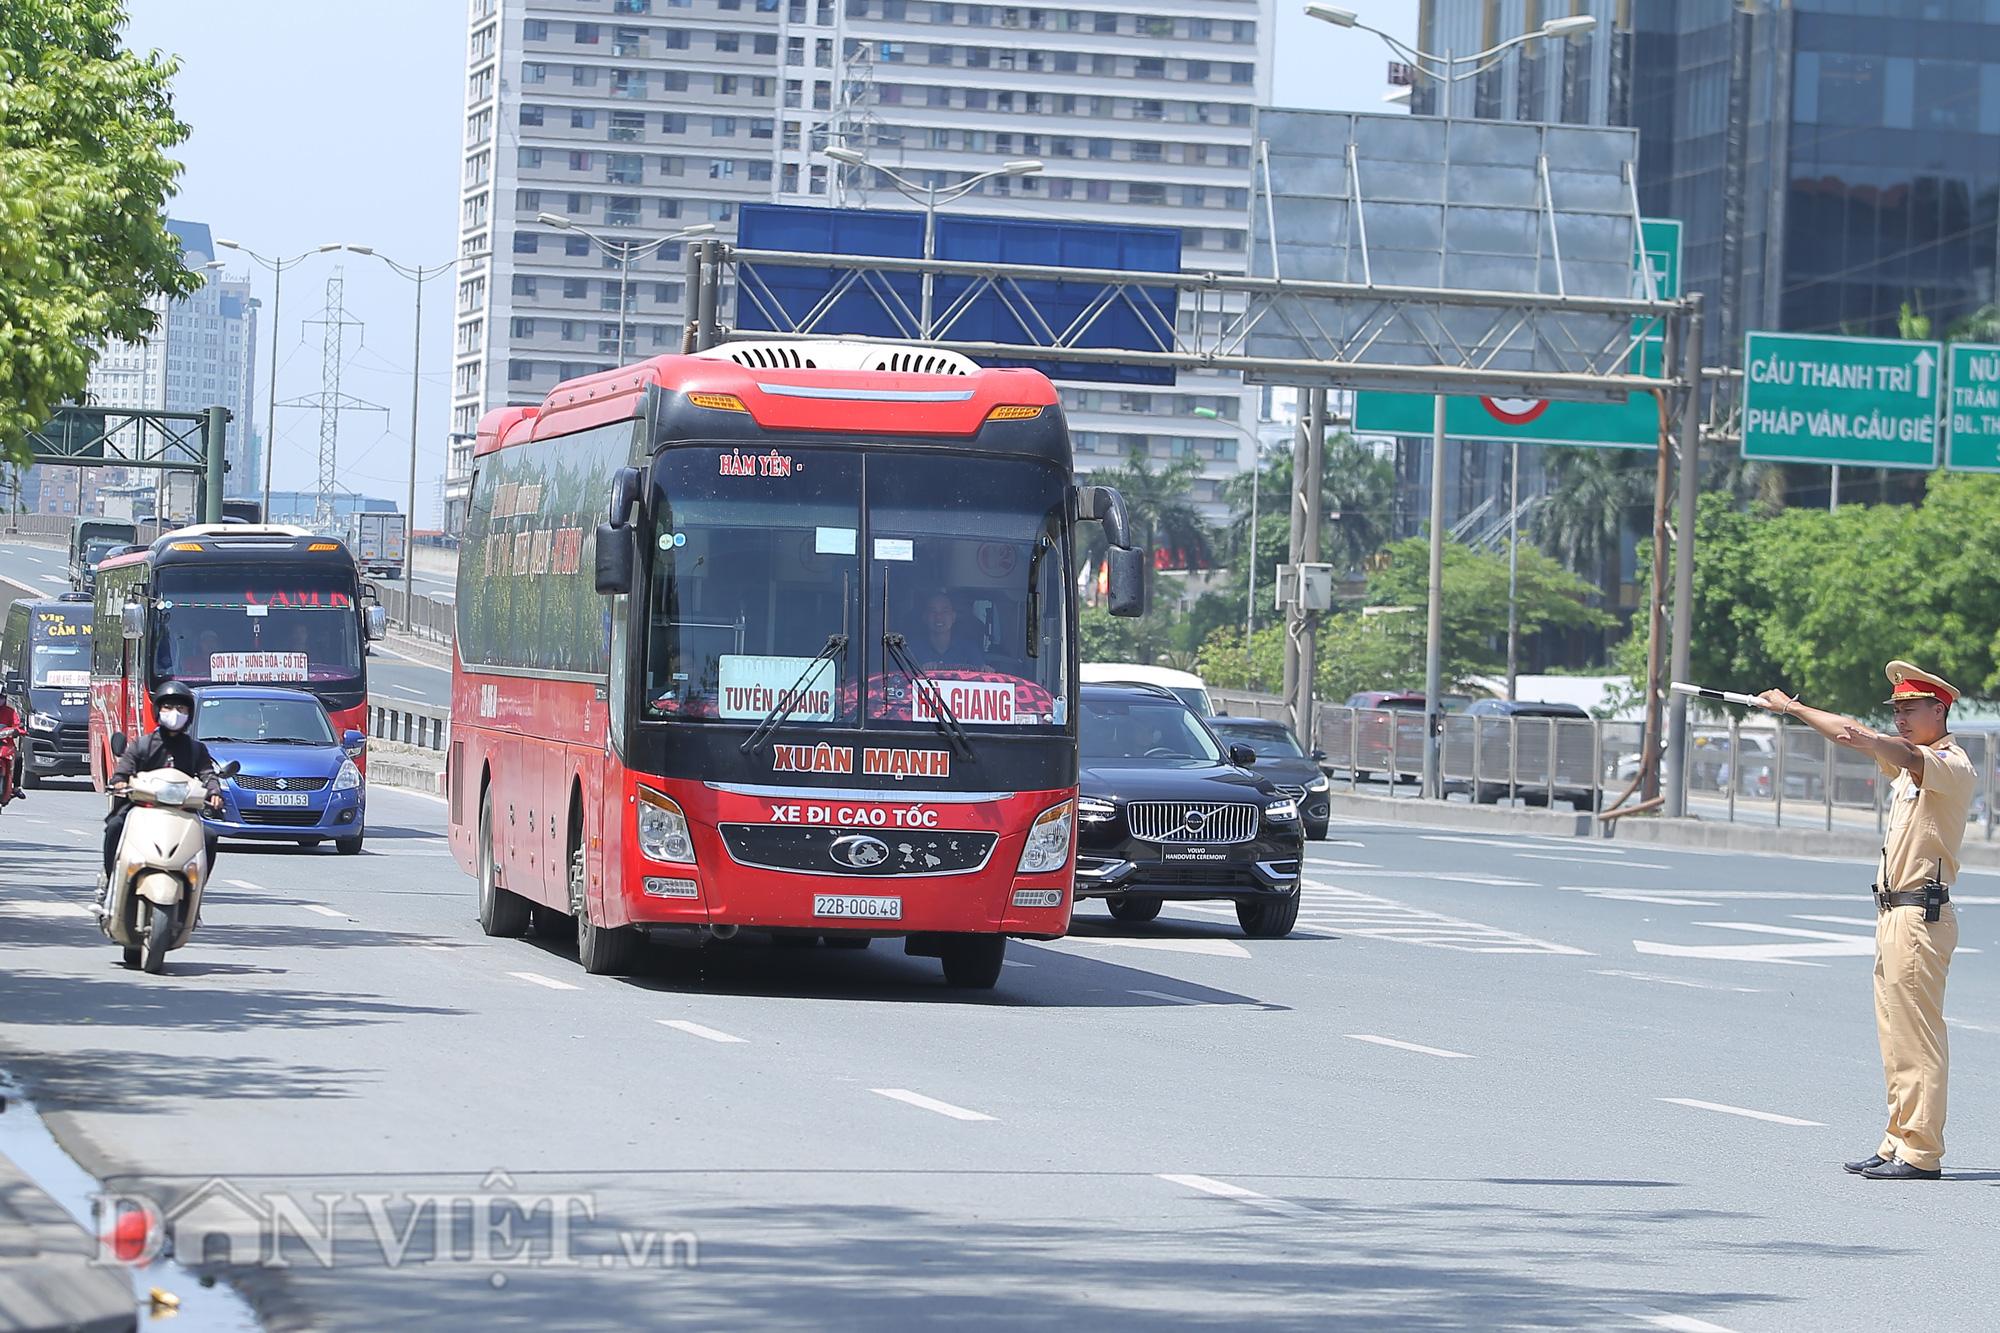 """Hàng loạt xe chạy """"rùa bò"""", bắt khách dọc đường bị CSGT Hà Nội xử lý - Ảnh 2."""